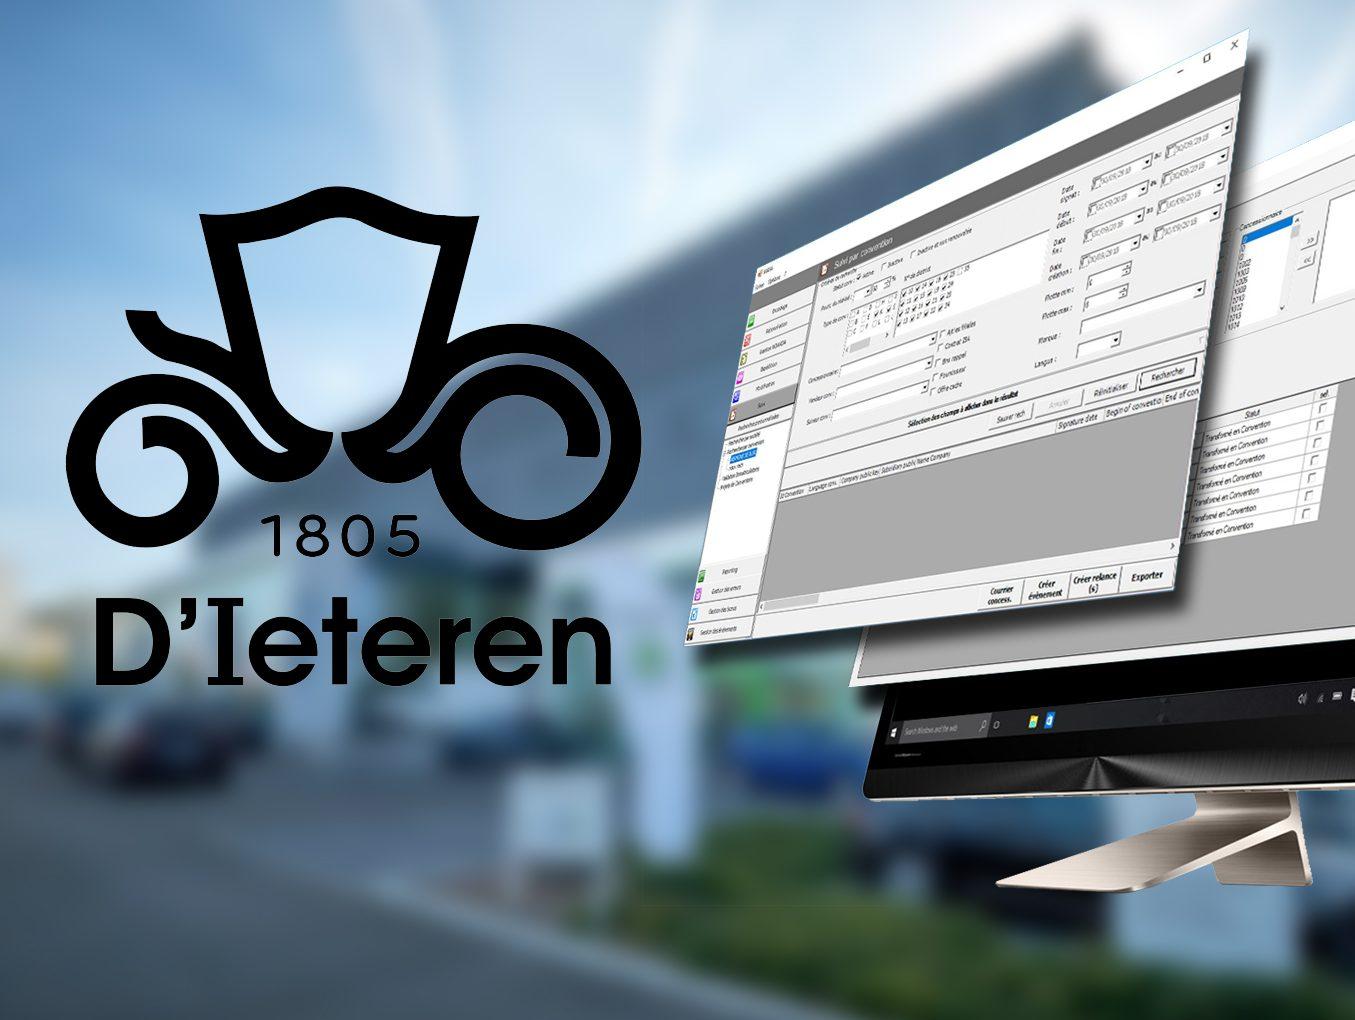 Dieteren-Project